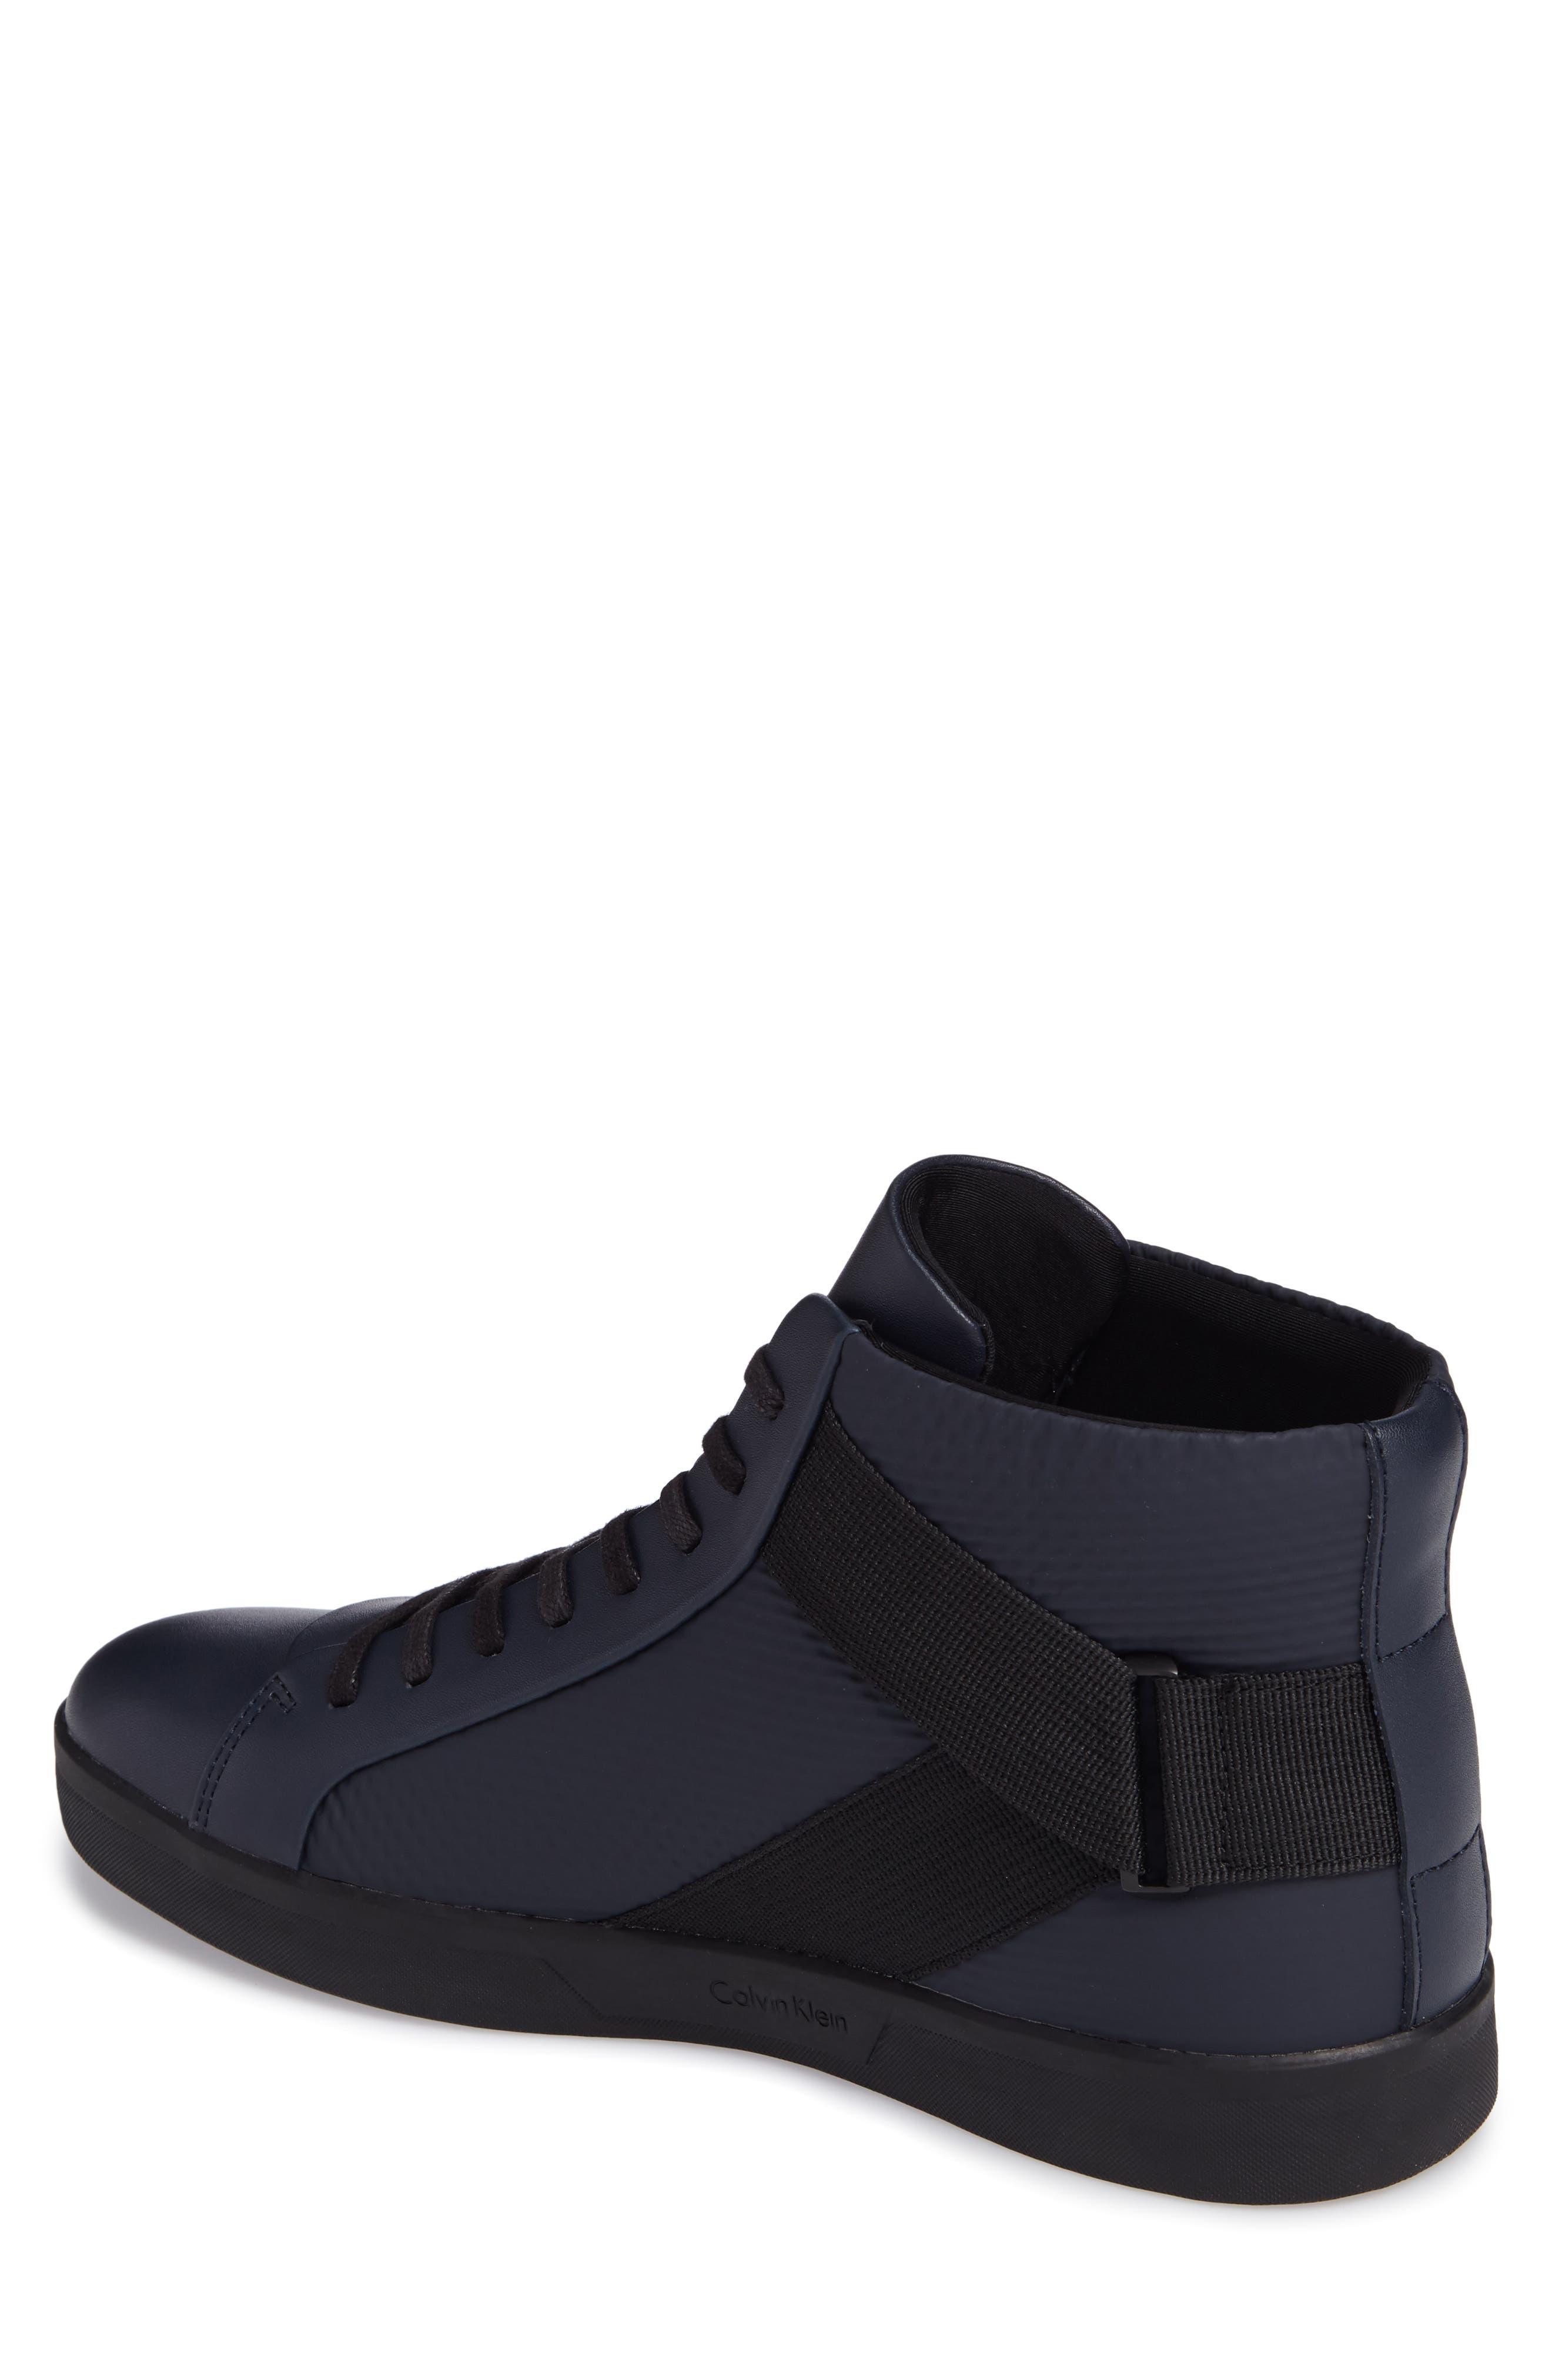 Alternate Image 2  - Calvin Klein Irvin Sneaker (Men)